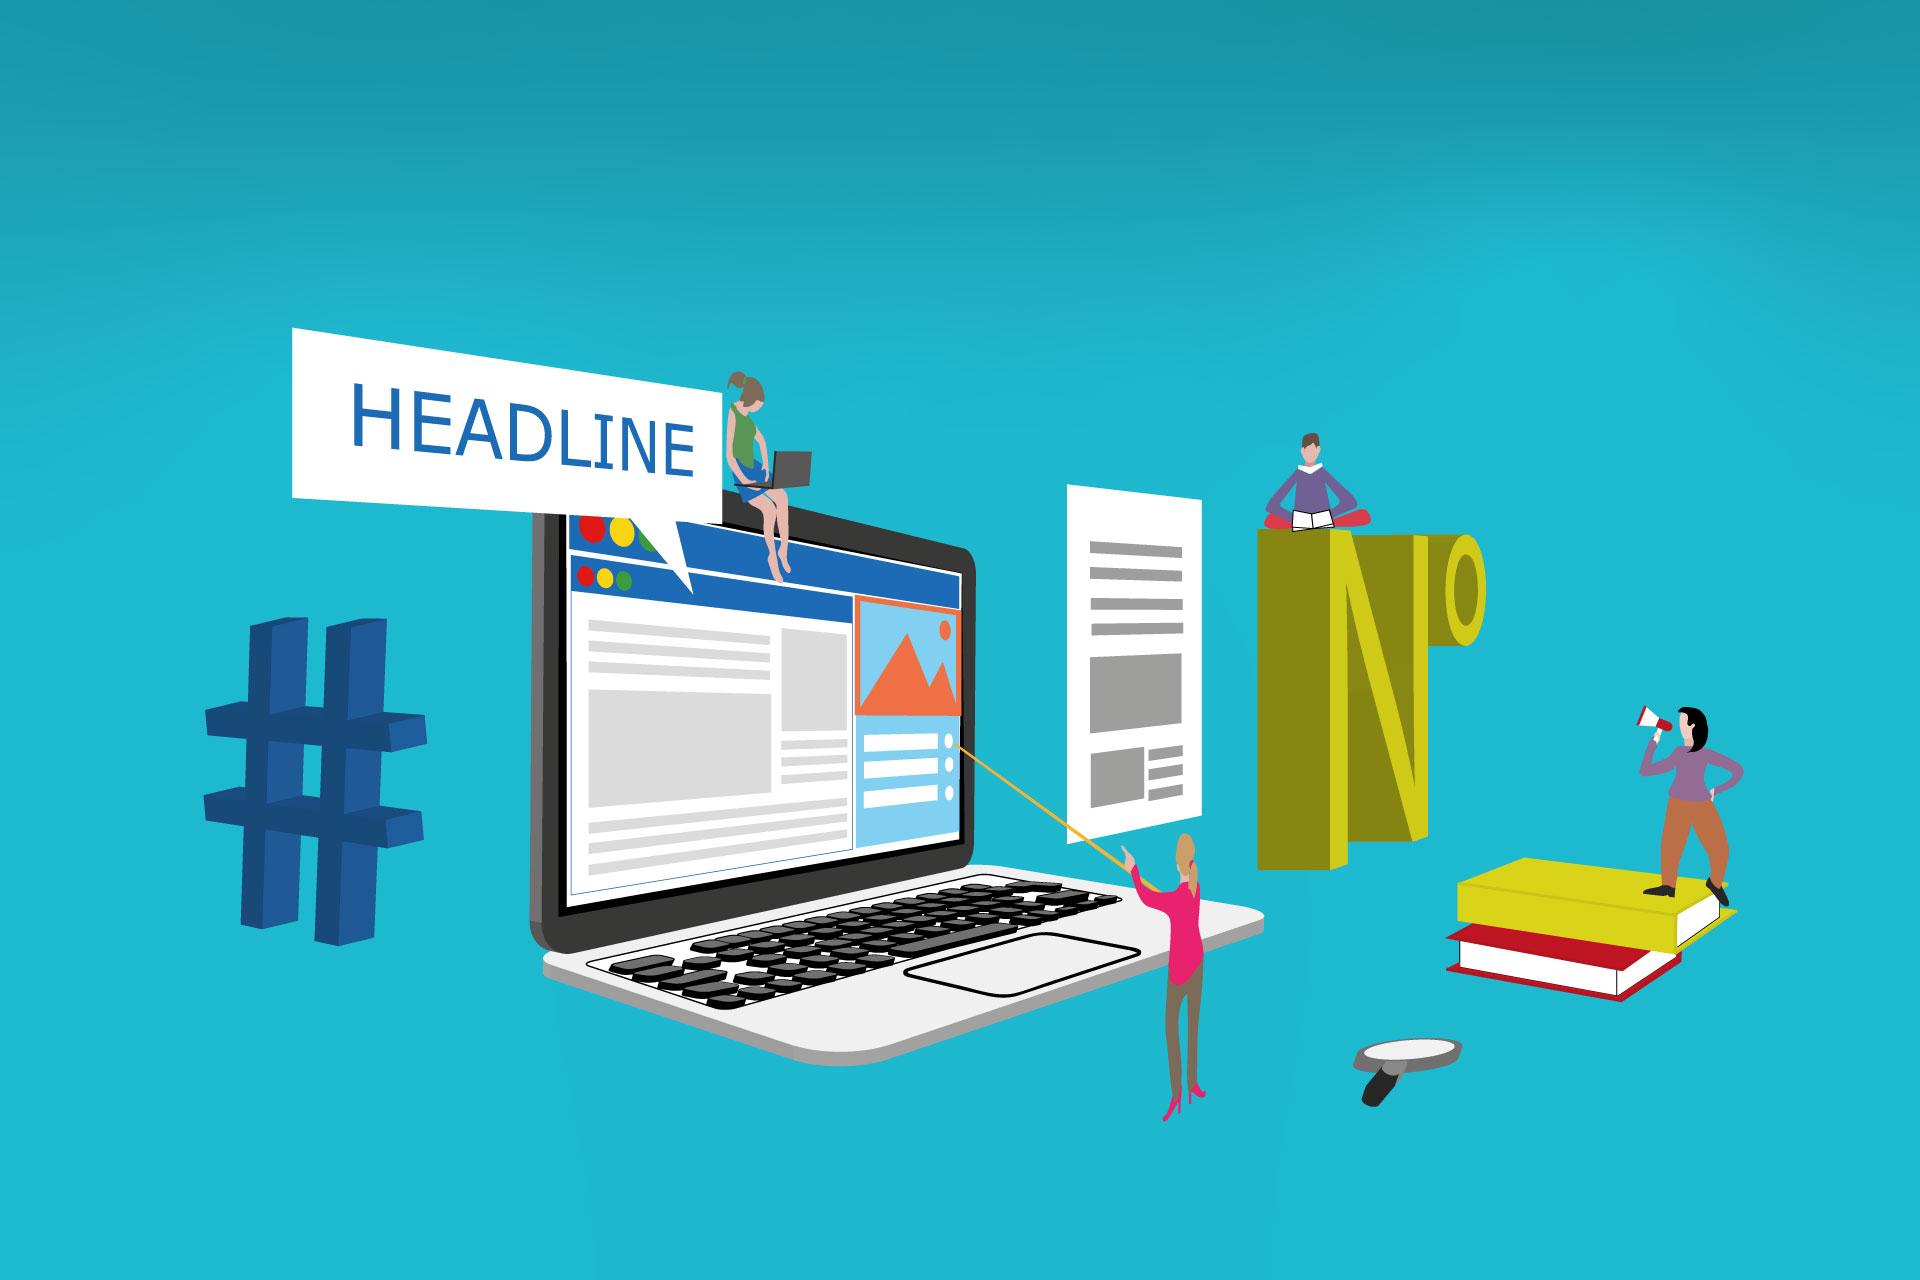 come-scrivere-titoli-per-il-tuo-blog-lv-design-realizzazione-siti-web-bologna